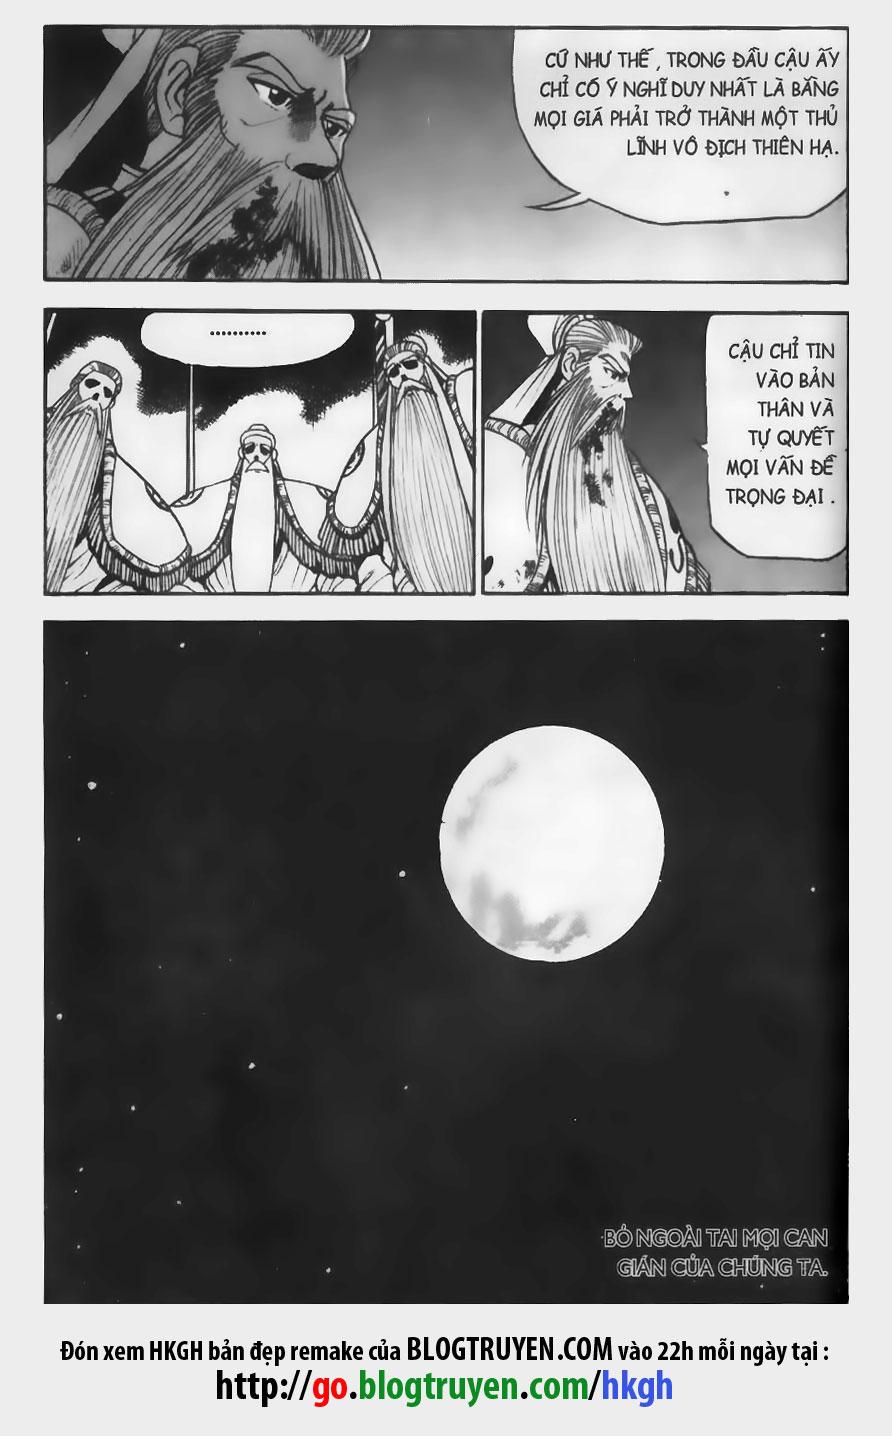 xem truyen moi - Hiệp Khách Giang Hồ Vol05 - Chap 032 - Remake